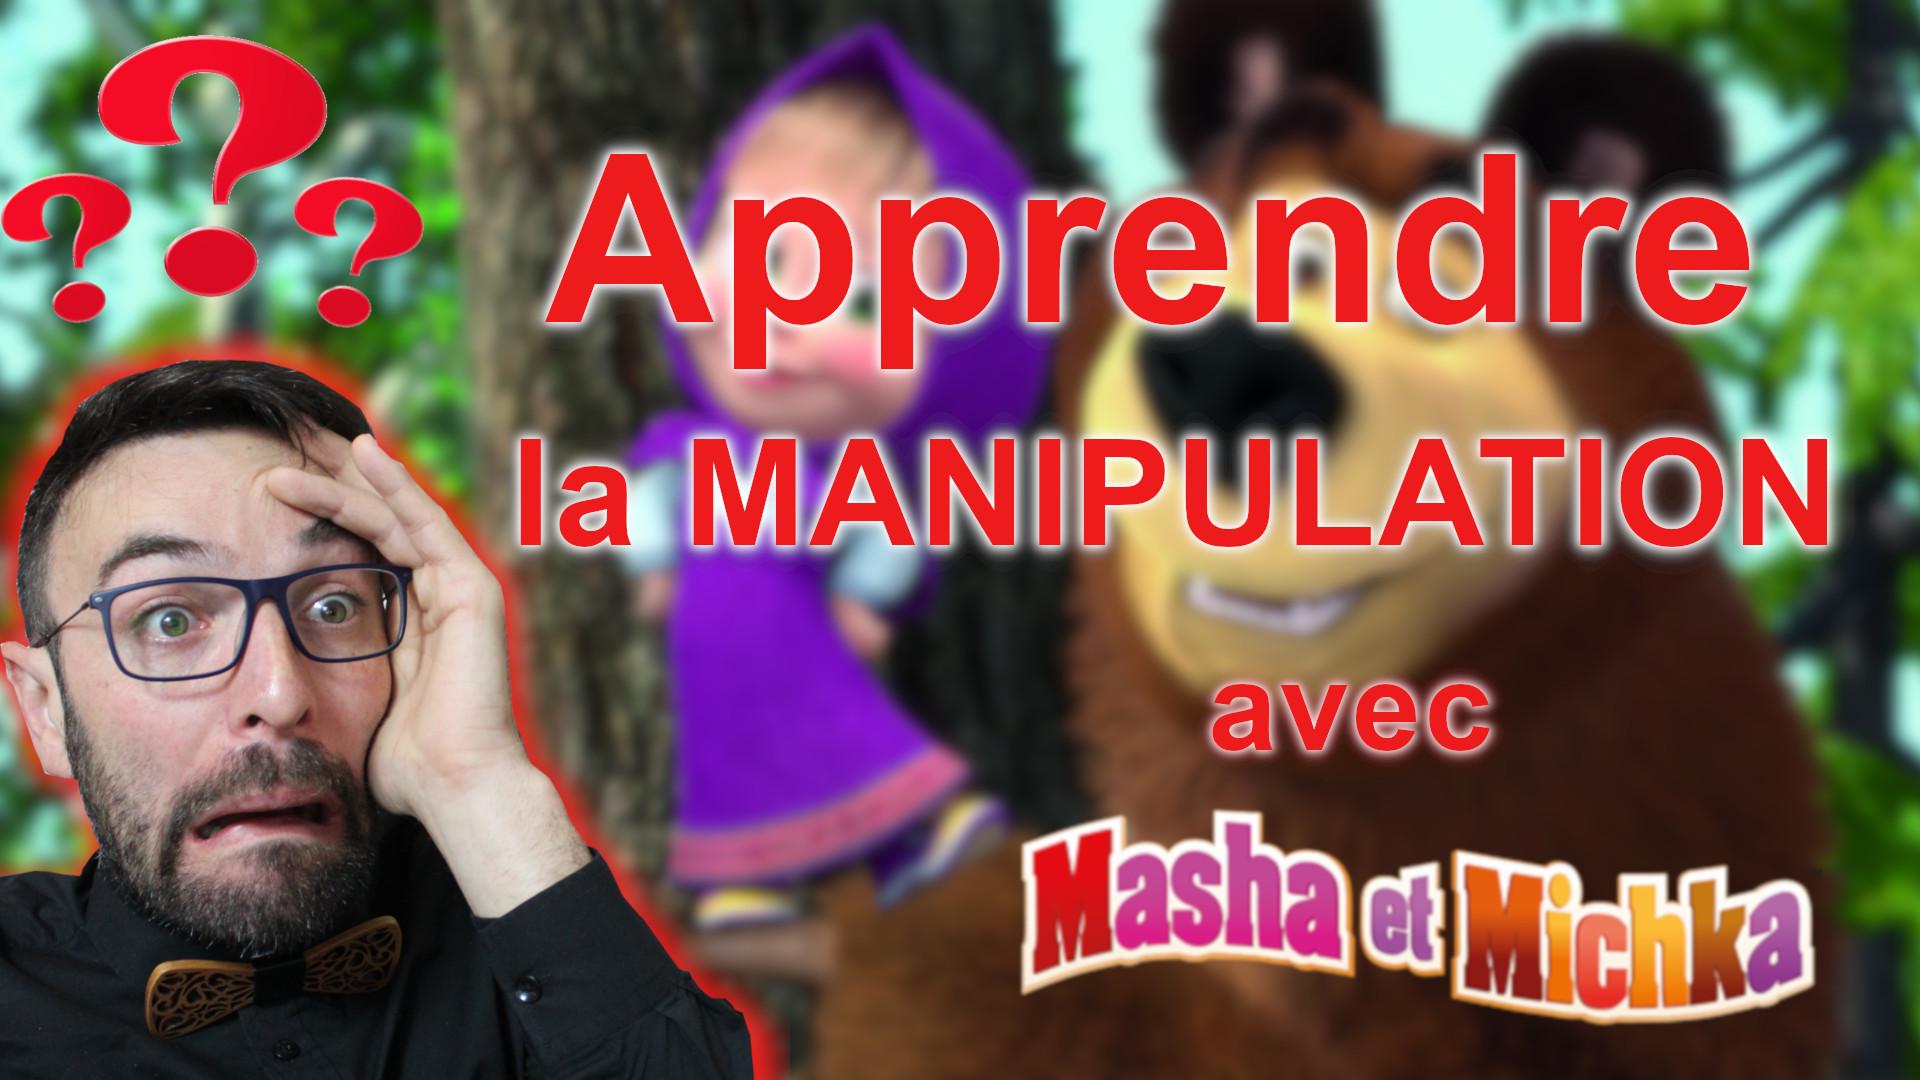 Apprendre la manipulation avec Masha et Michka